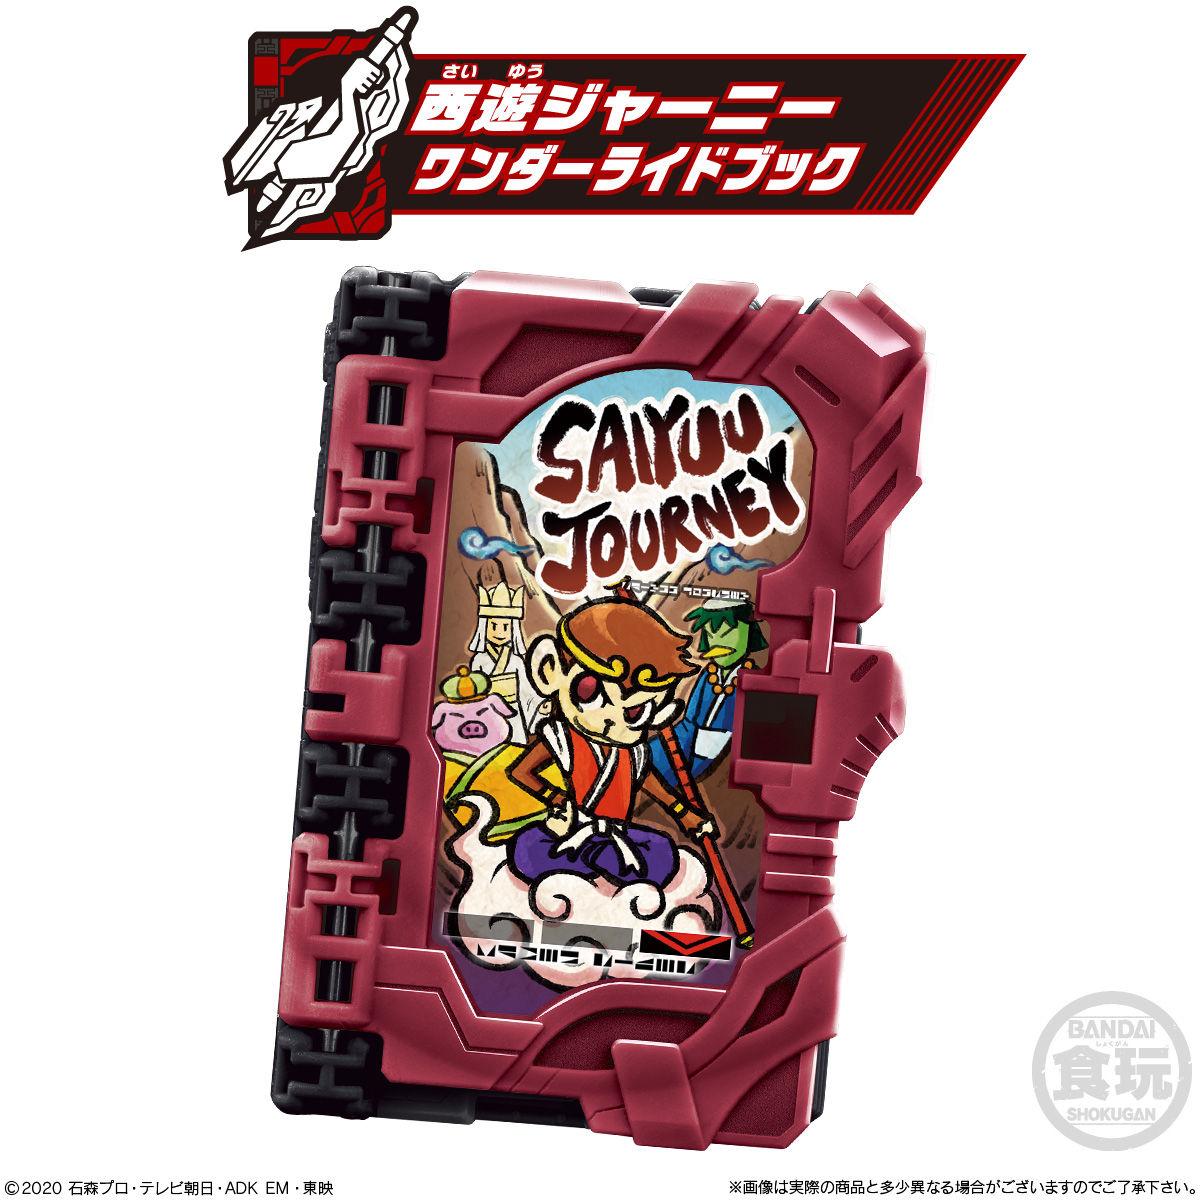 【食玩】仮面ライダーセイバー『コレクタブルワンダーライドブック SG04』8個入りBOX-002